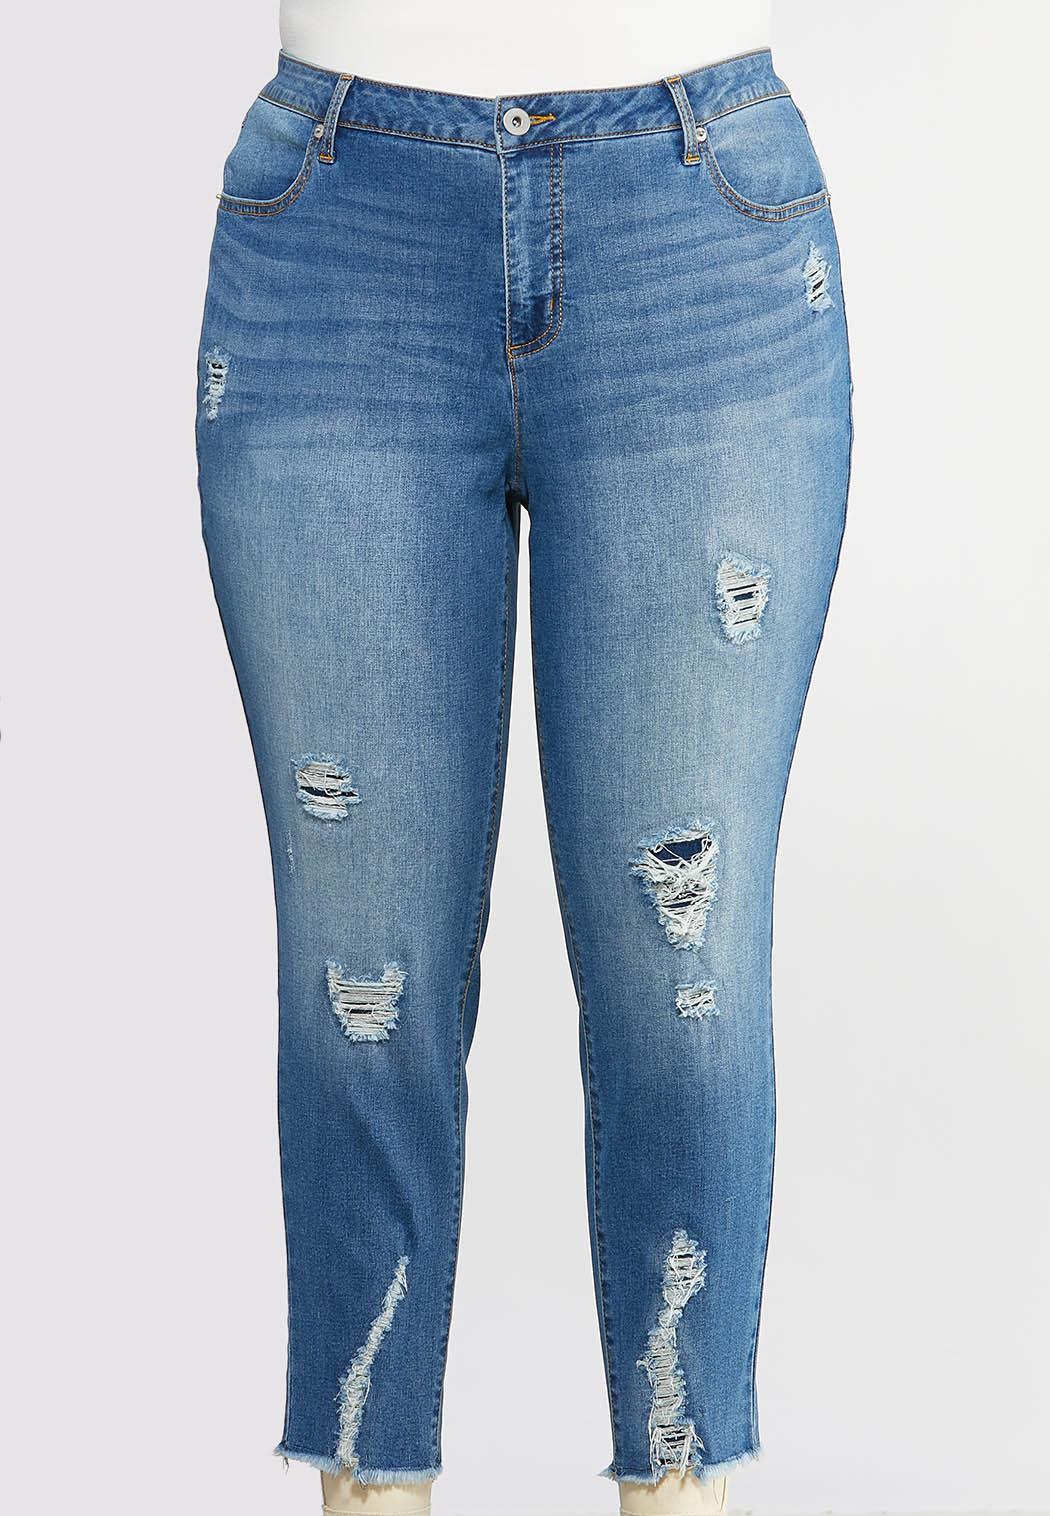 e8daef0153de8c Plus Size Women's Jeans: Women's Denim, Jackets, Skirts & Vests